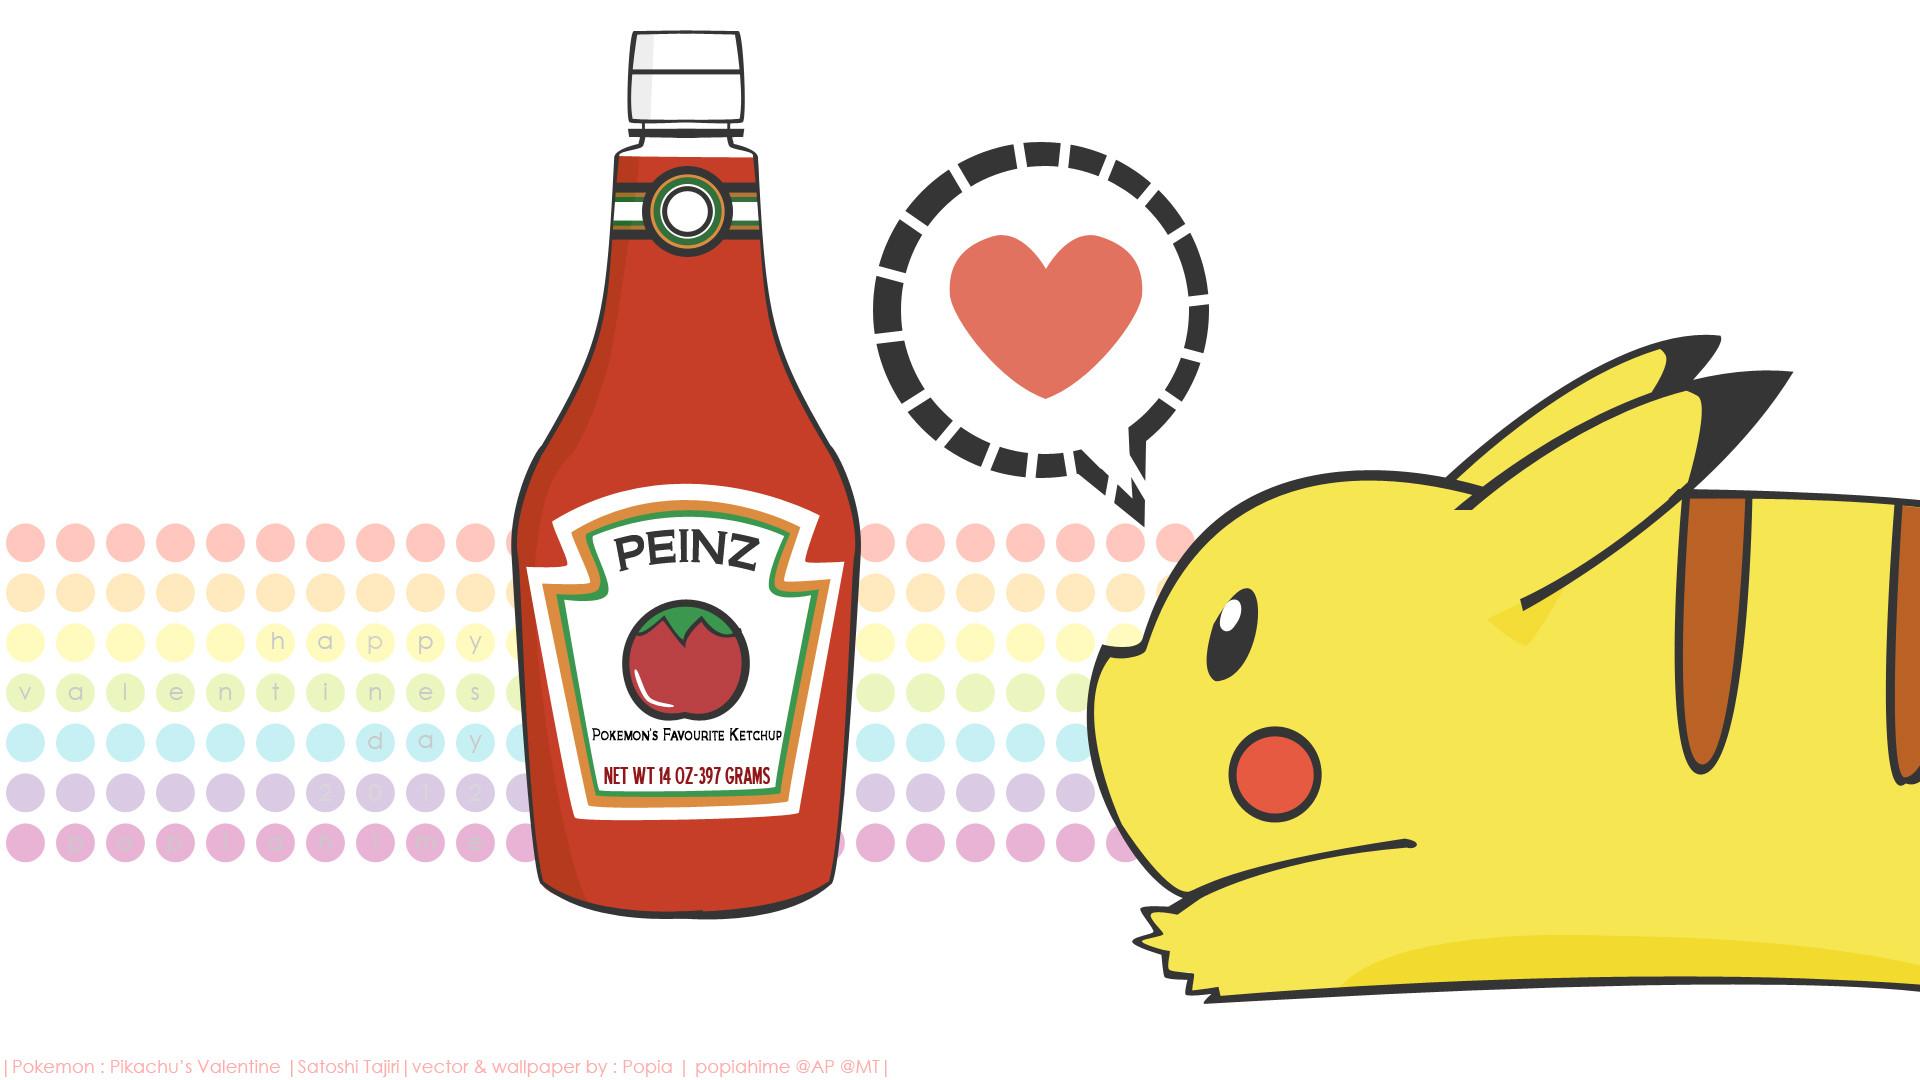 Pikachu LOVES KETCHUP Fond D'écran HD